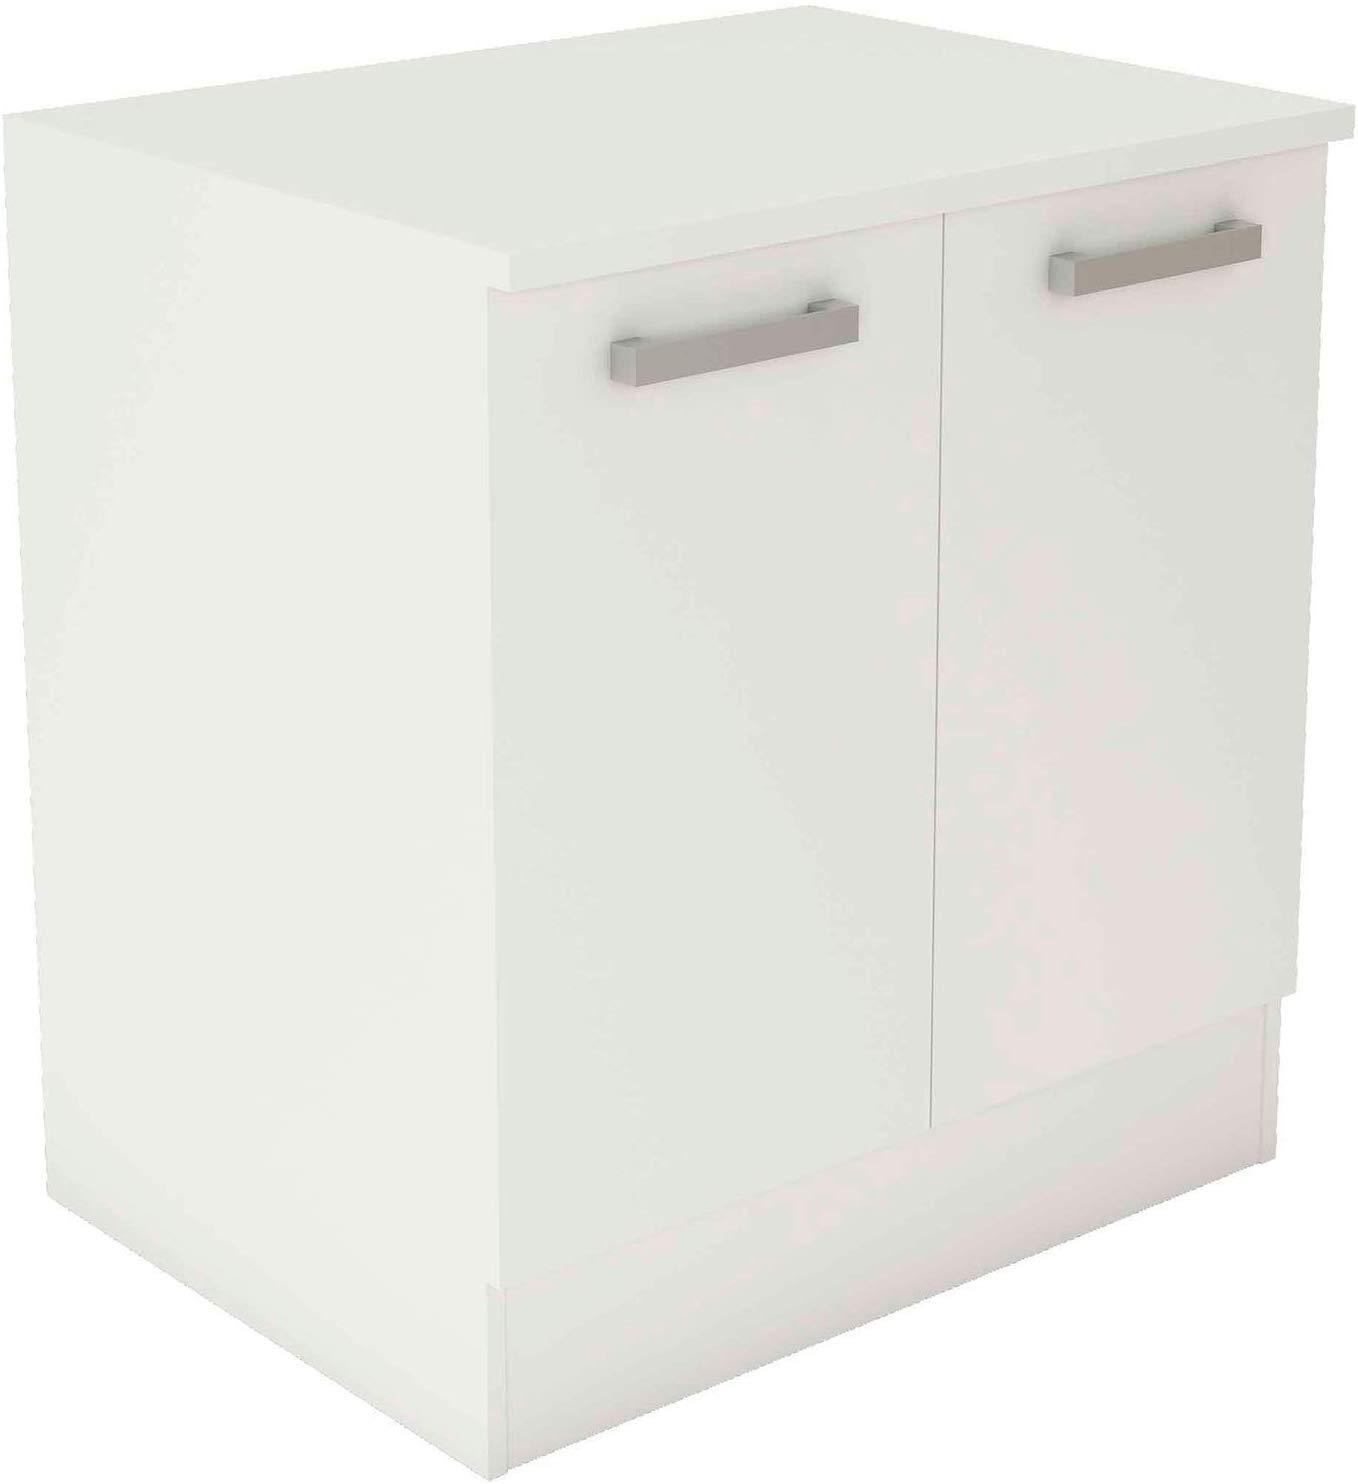 mueble bajo de cocina blanco de 80 2 puertas